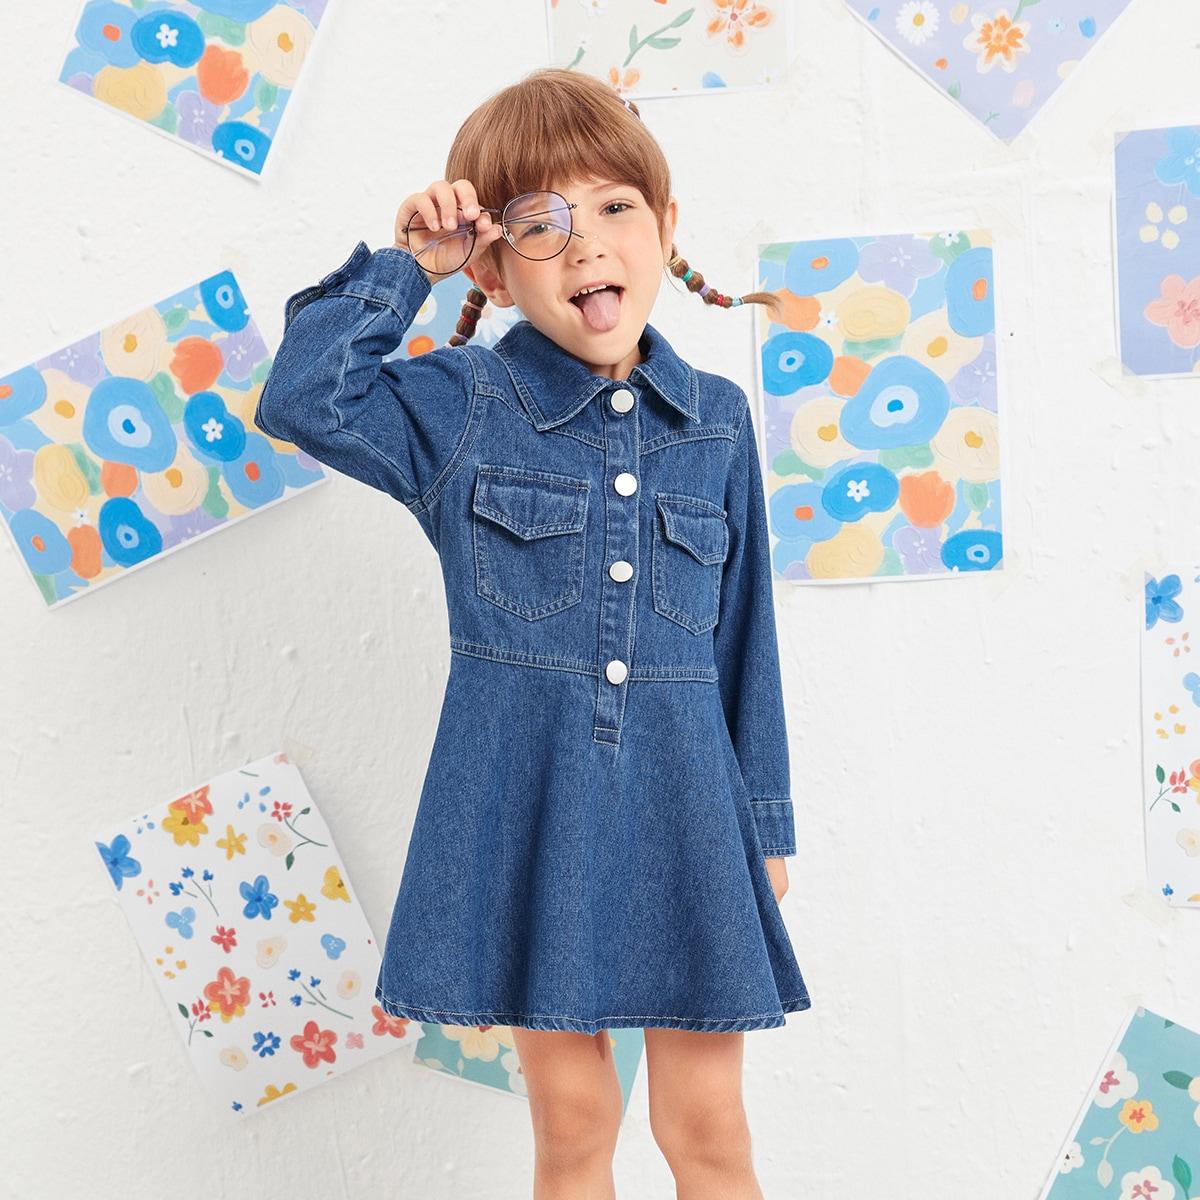 для девочек Джинсовое платье на пуговицах SheIn skdress25210602300